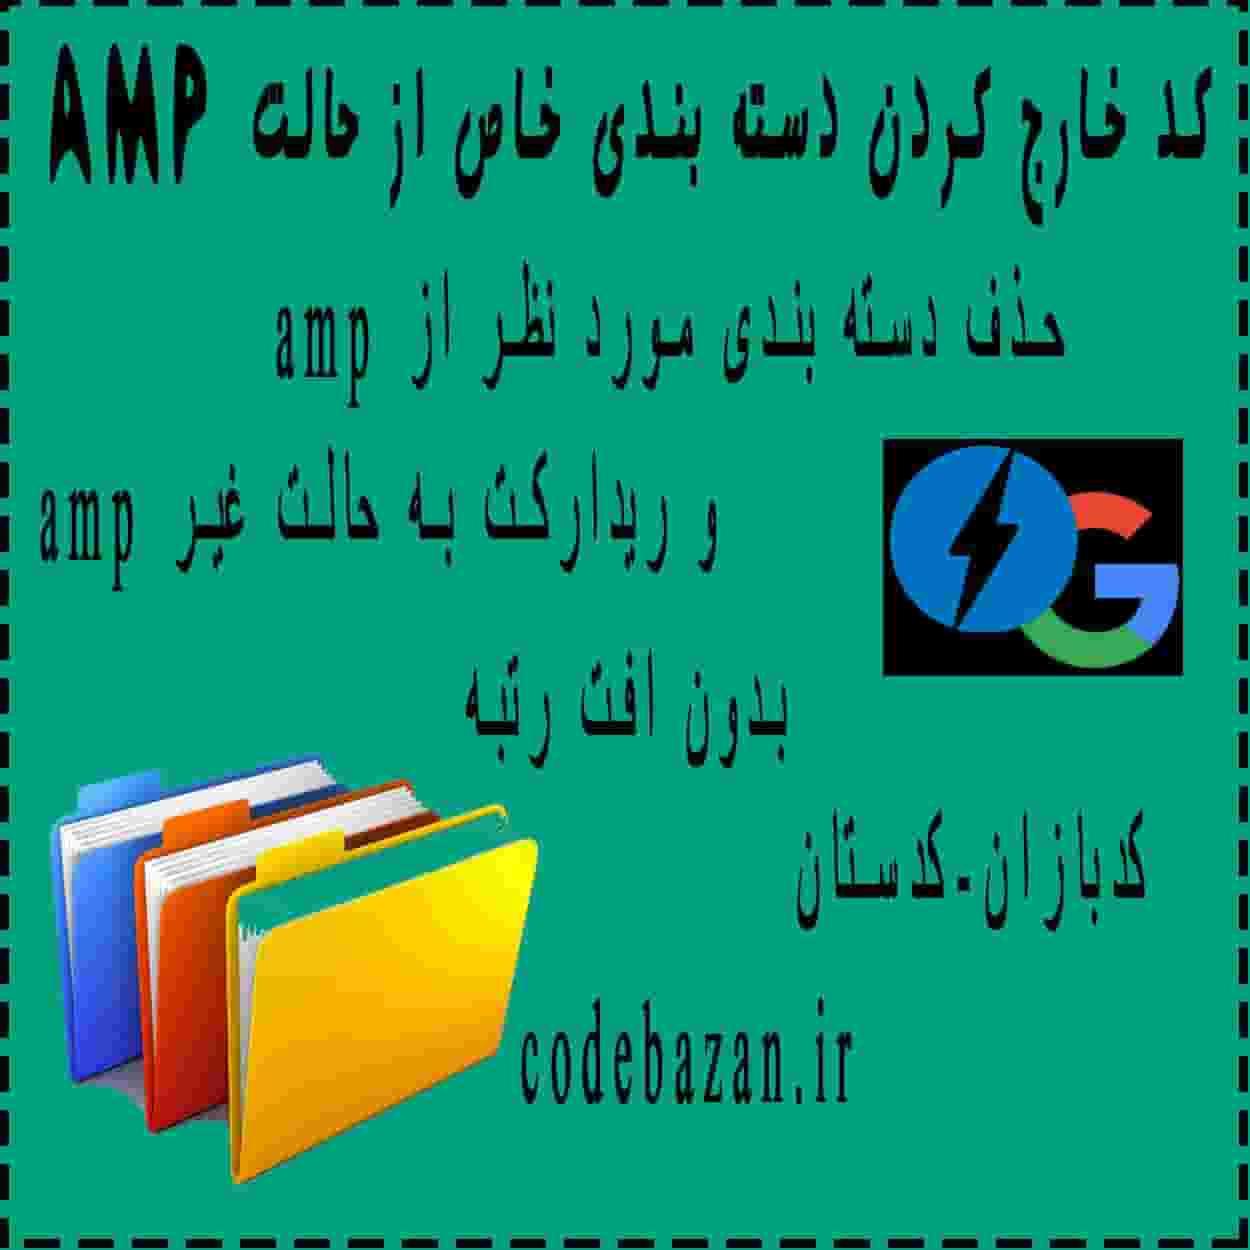 حذف دسته بندی خاص از حالت amp - Remove specific category from AMP mode